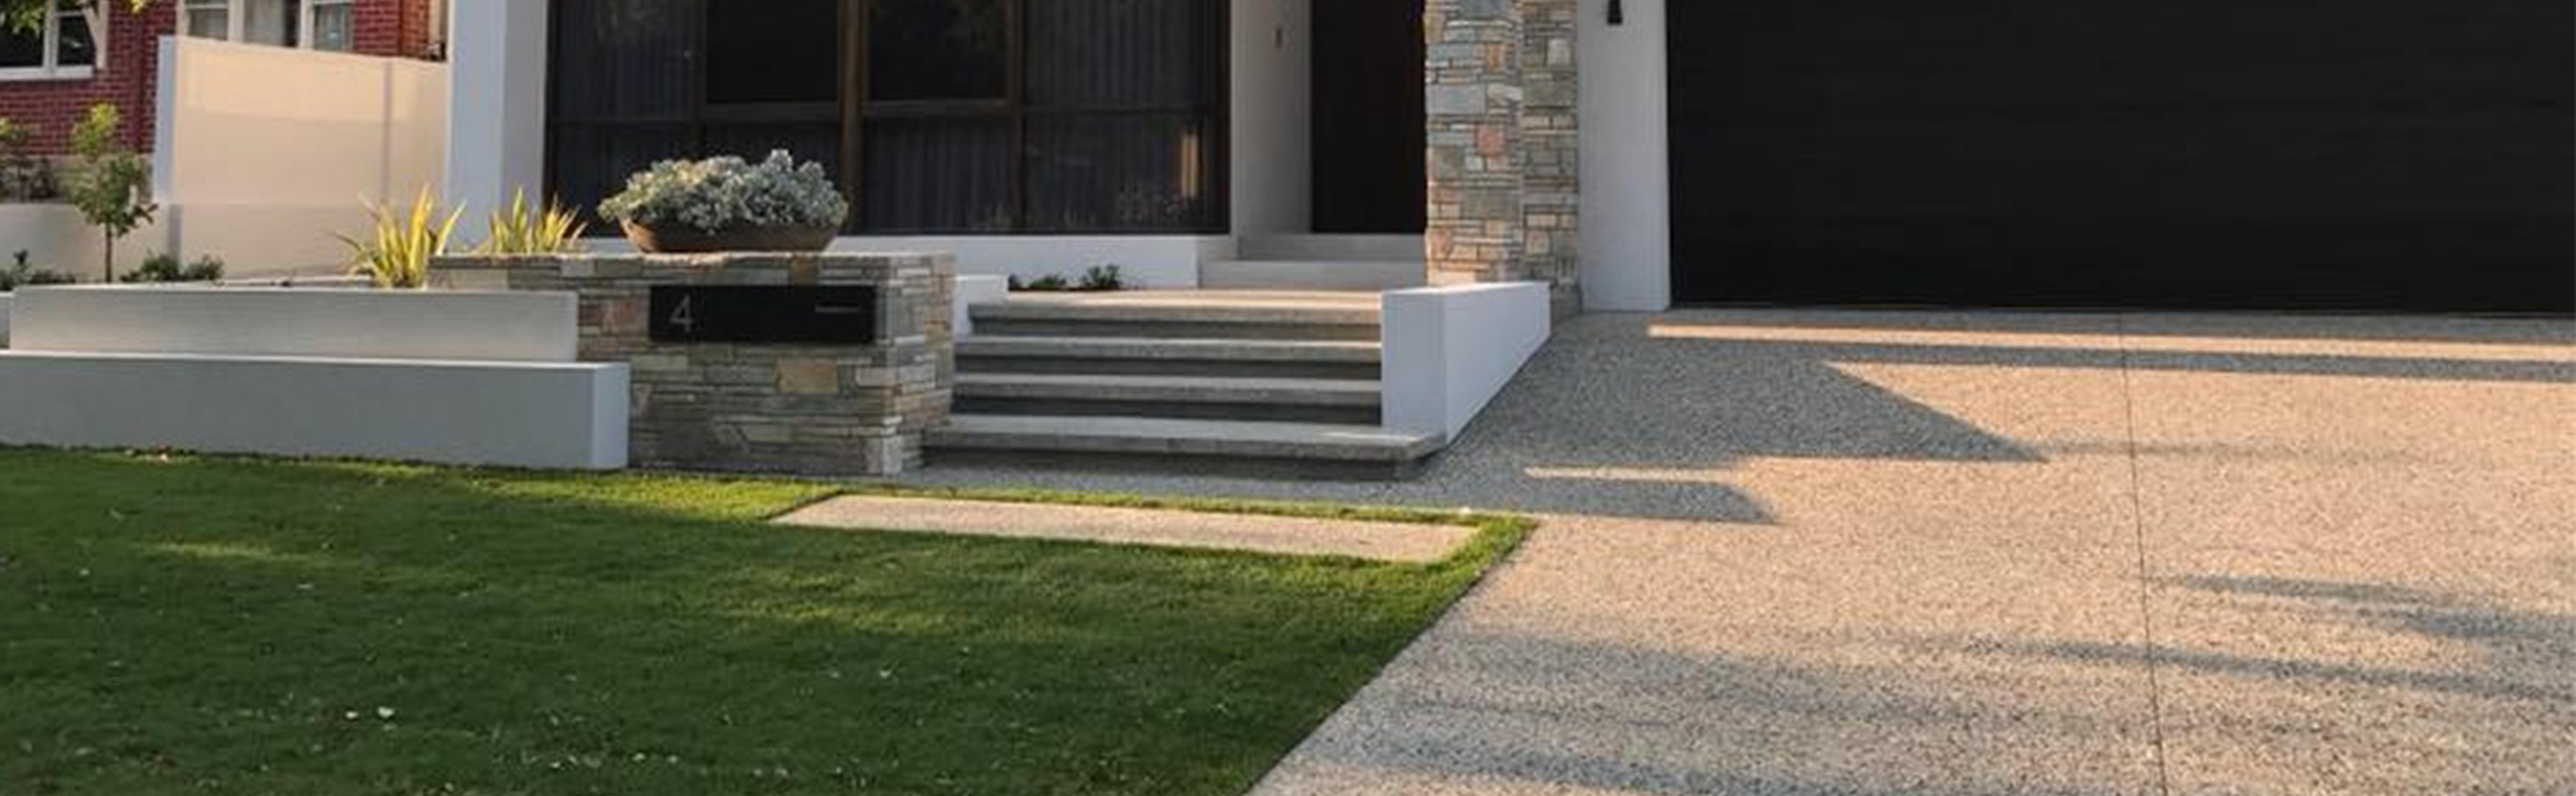 honed concrete cover